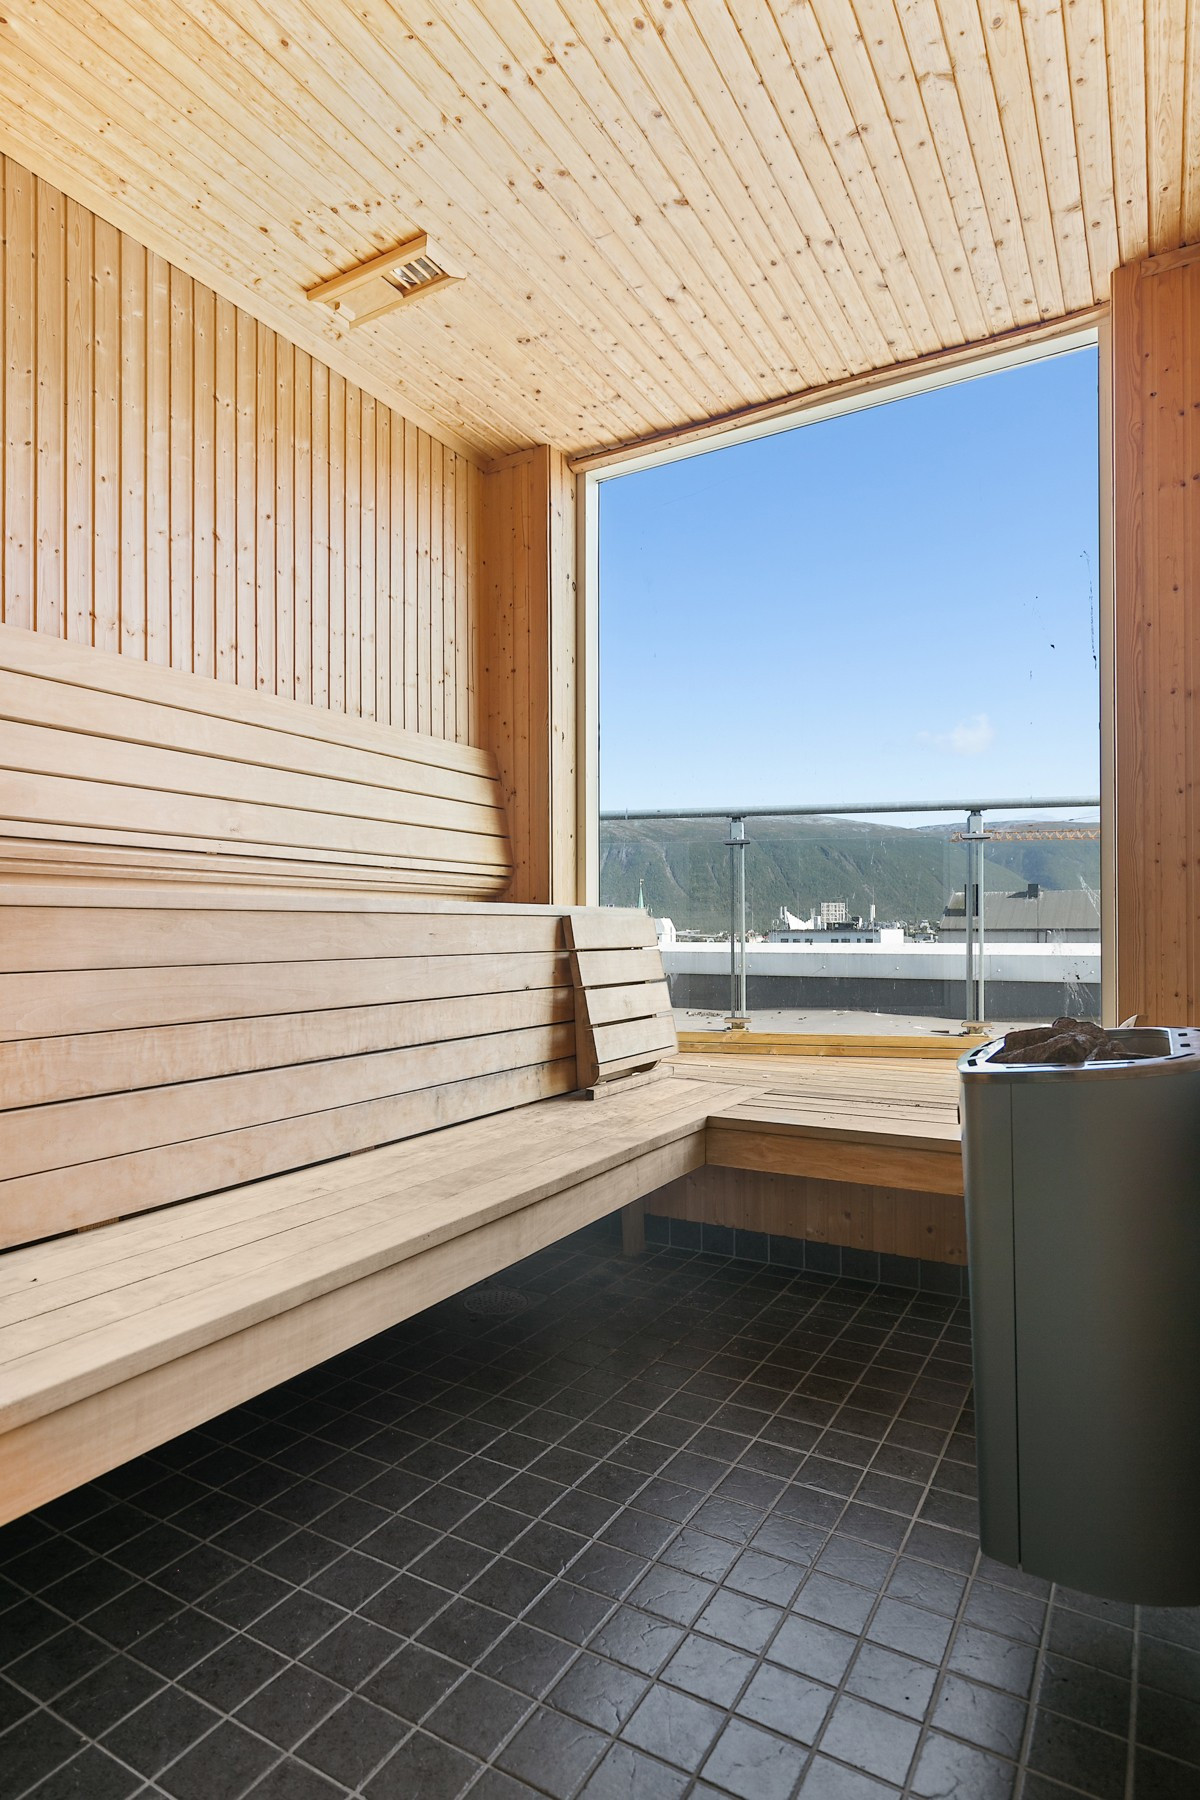 Felles badstue også på takterrasse